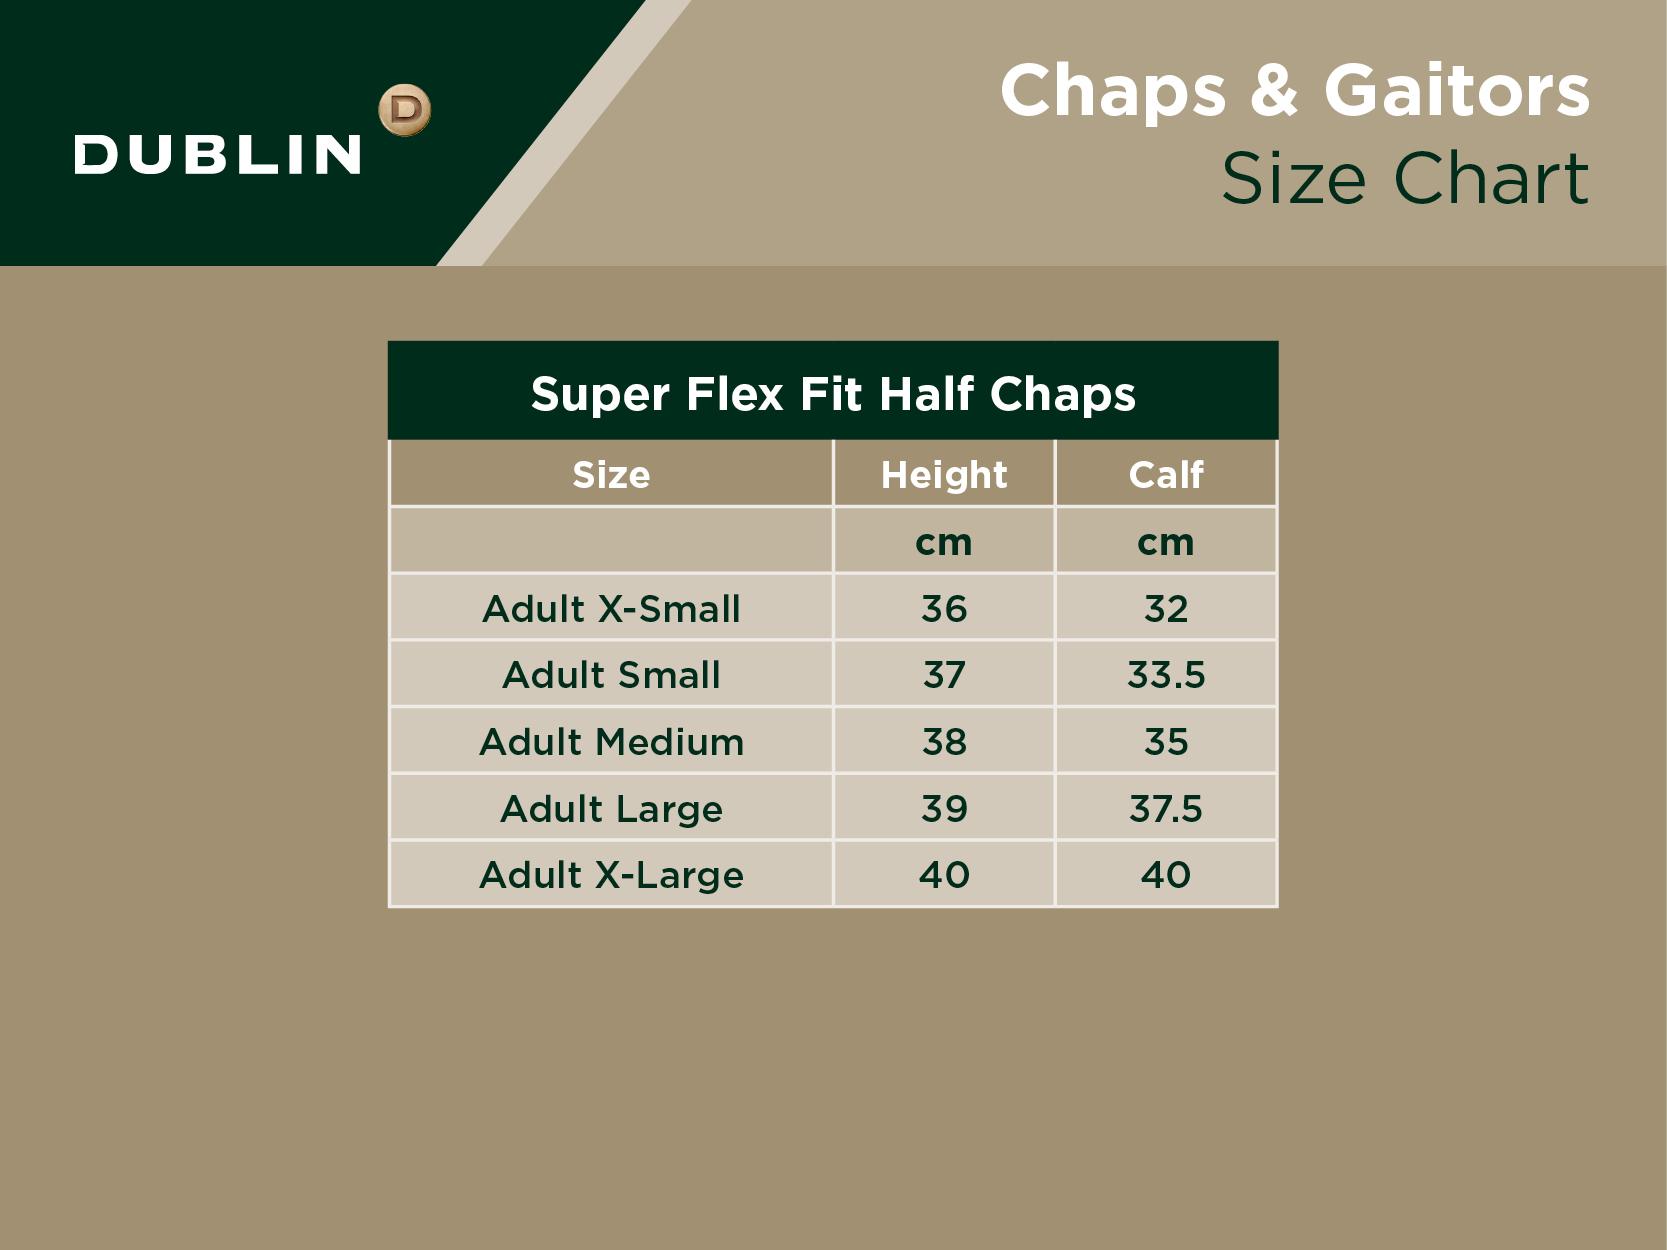 Super Flex Fit Half Chaps Size Chart